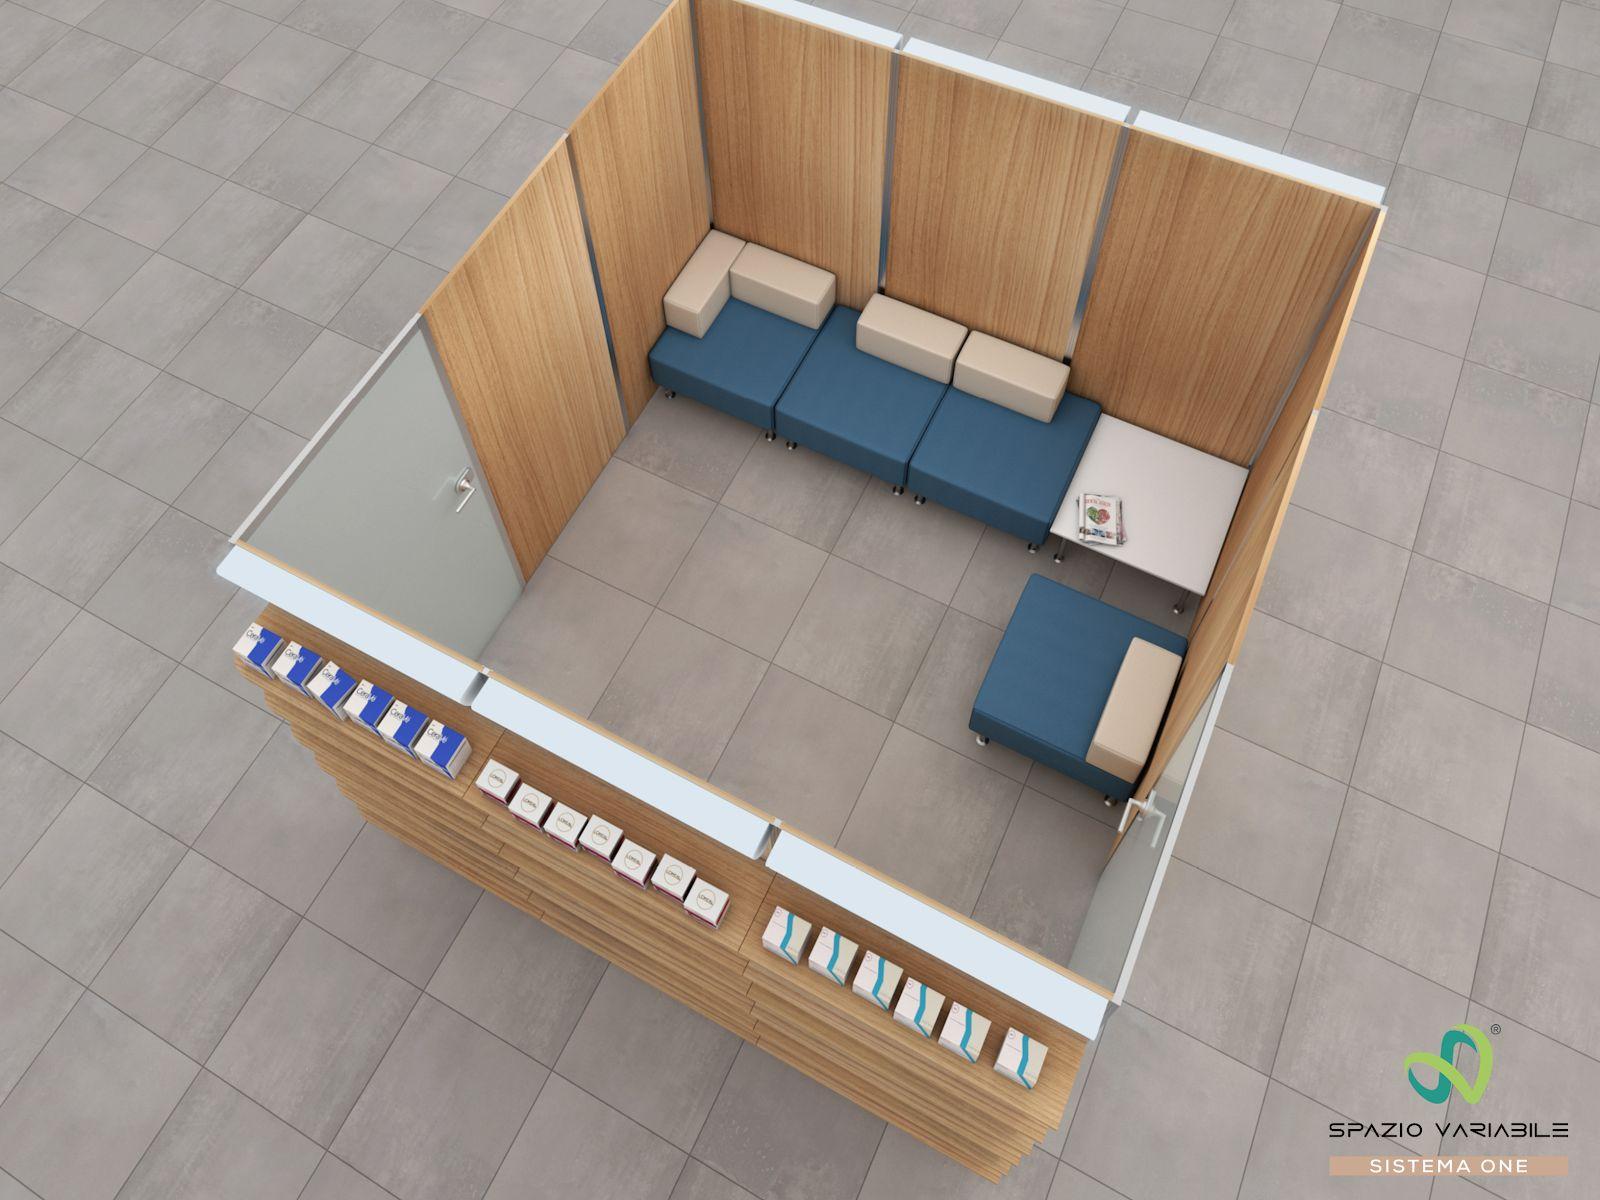 Esempio di combinazione del sistema ONEⓇ - saletta 3 di 9 mq dove effettuare consulenze